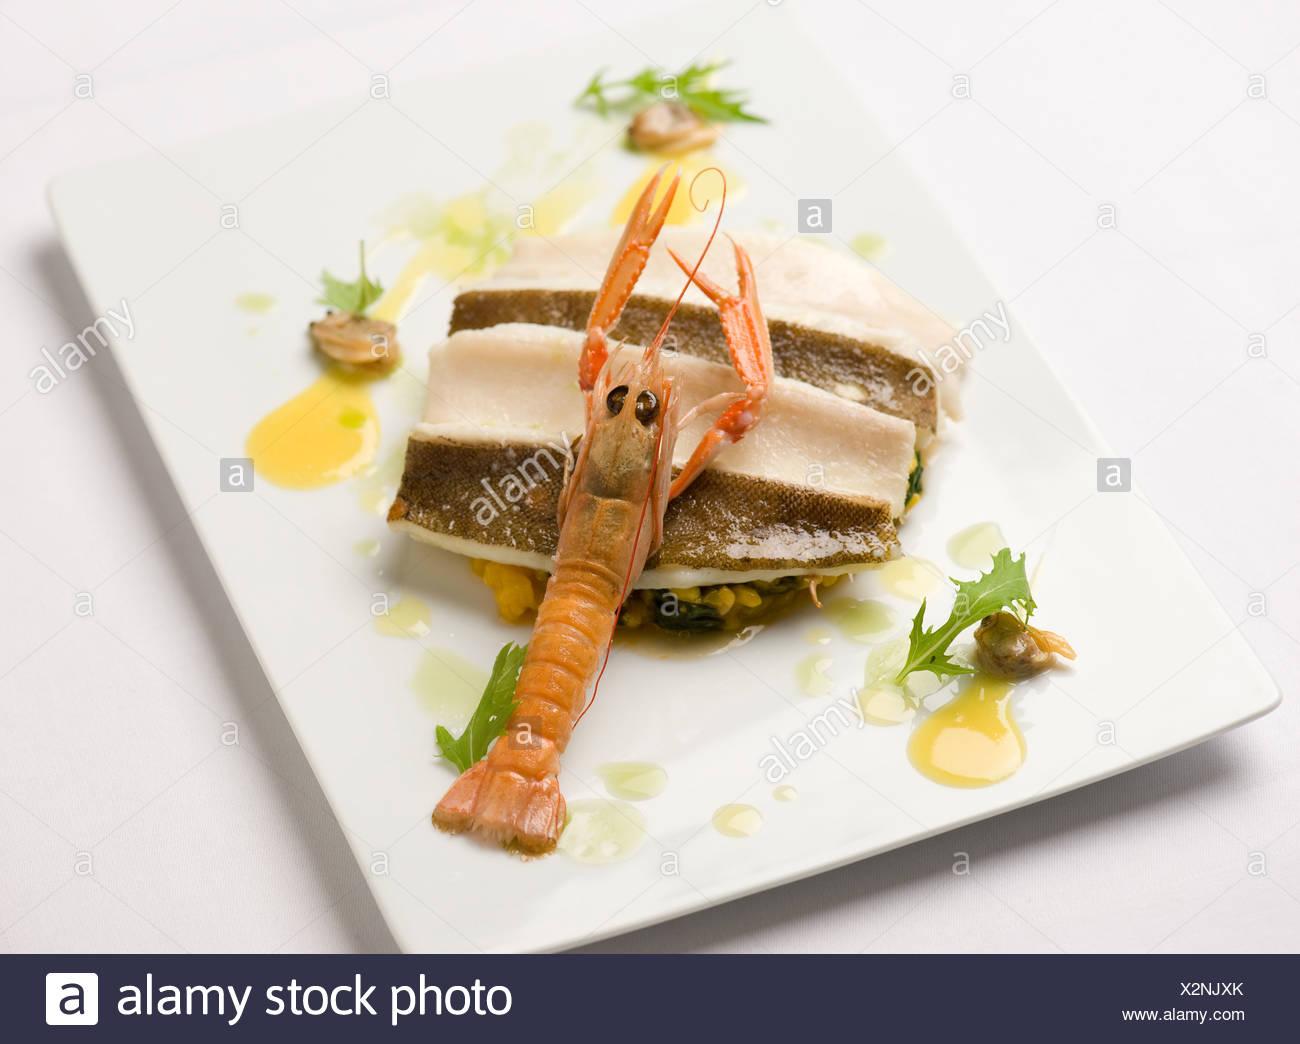 Sohle, Krebse und Muscheln auf einer Platte Stockbild